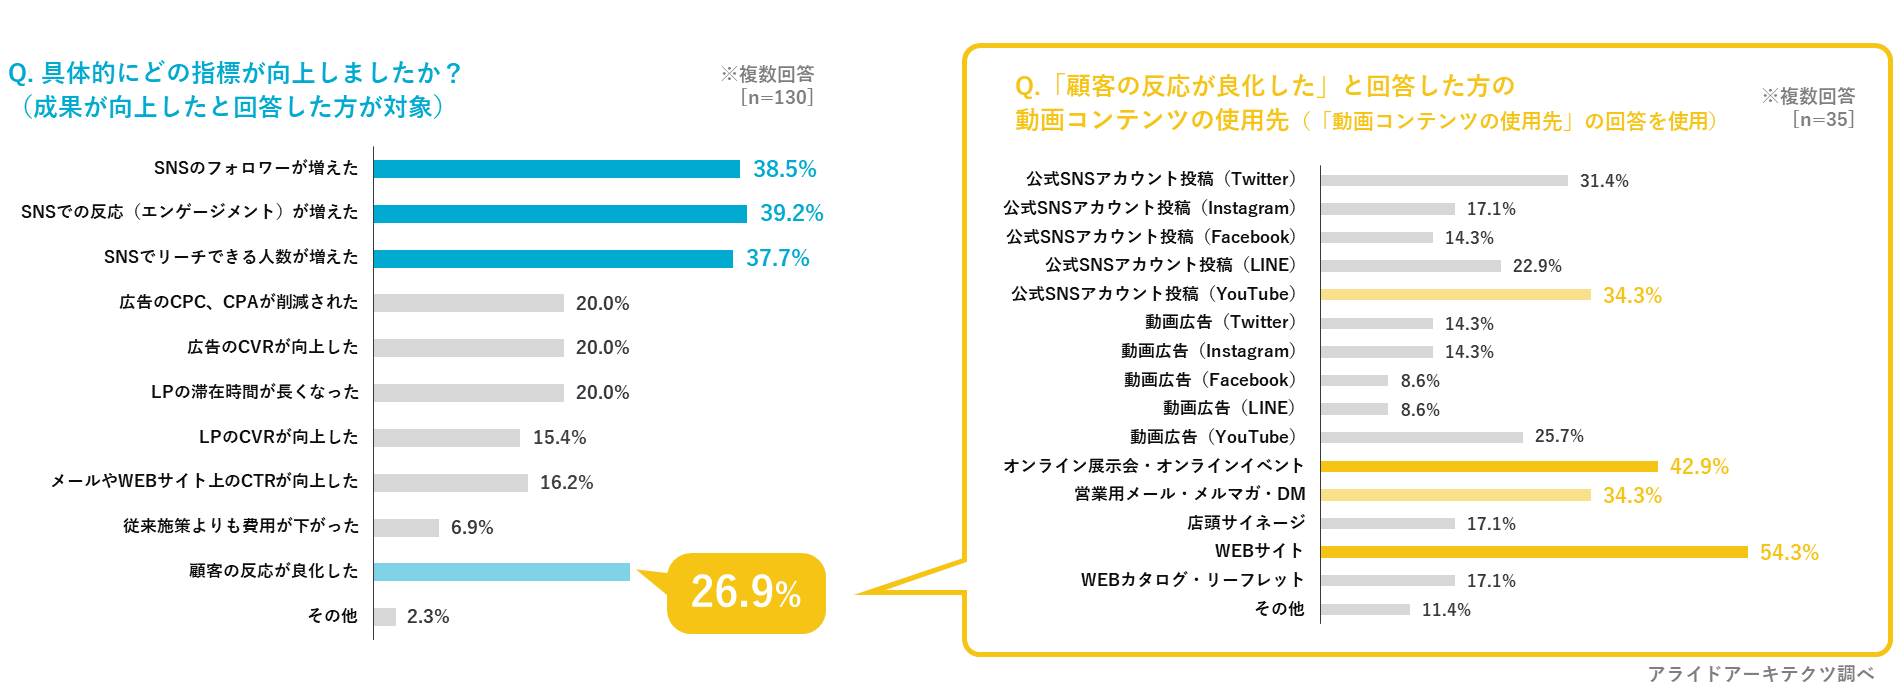 動画コンテンツの活用によって、向上した指標は「SNS上での施策」や「顧客の反応が良化した」。